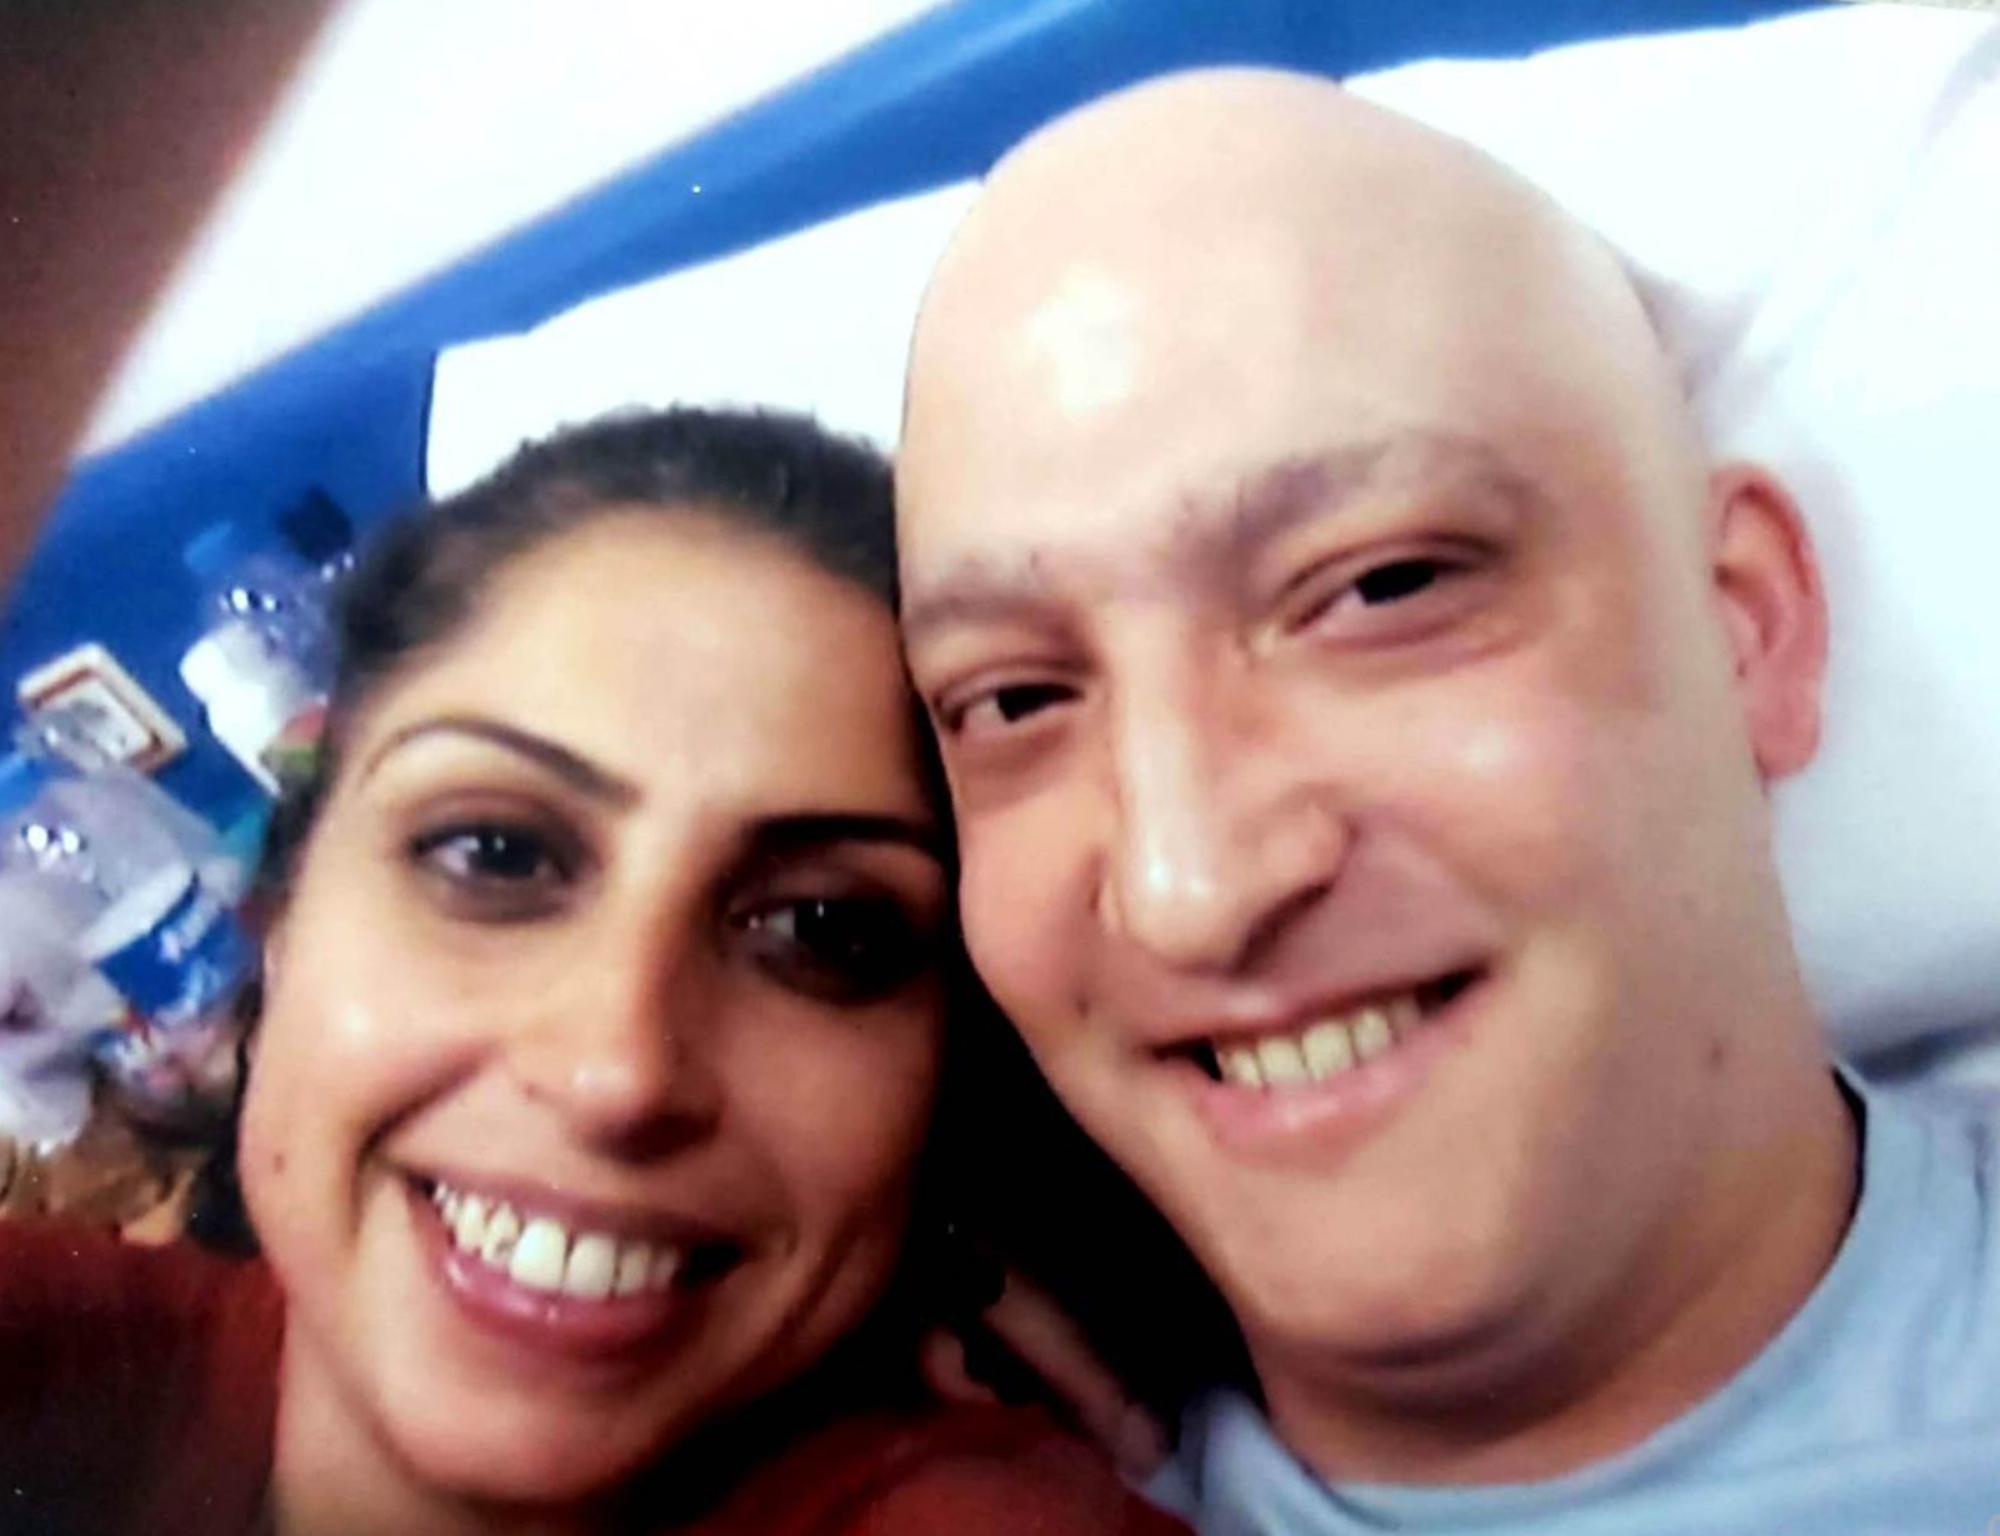 Kanser olduğunu öğrendiği gün tüm hayatı değişti: İşte içinizi ısıtacak o hikaye...